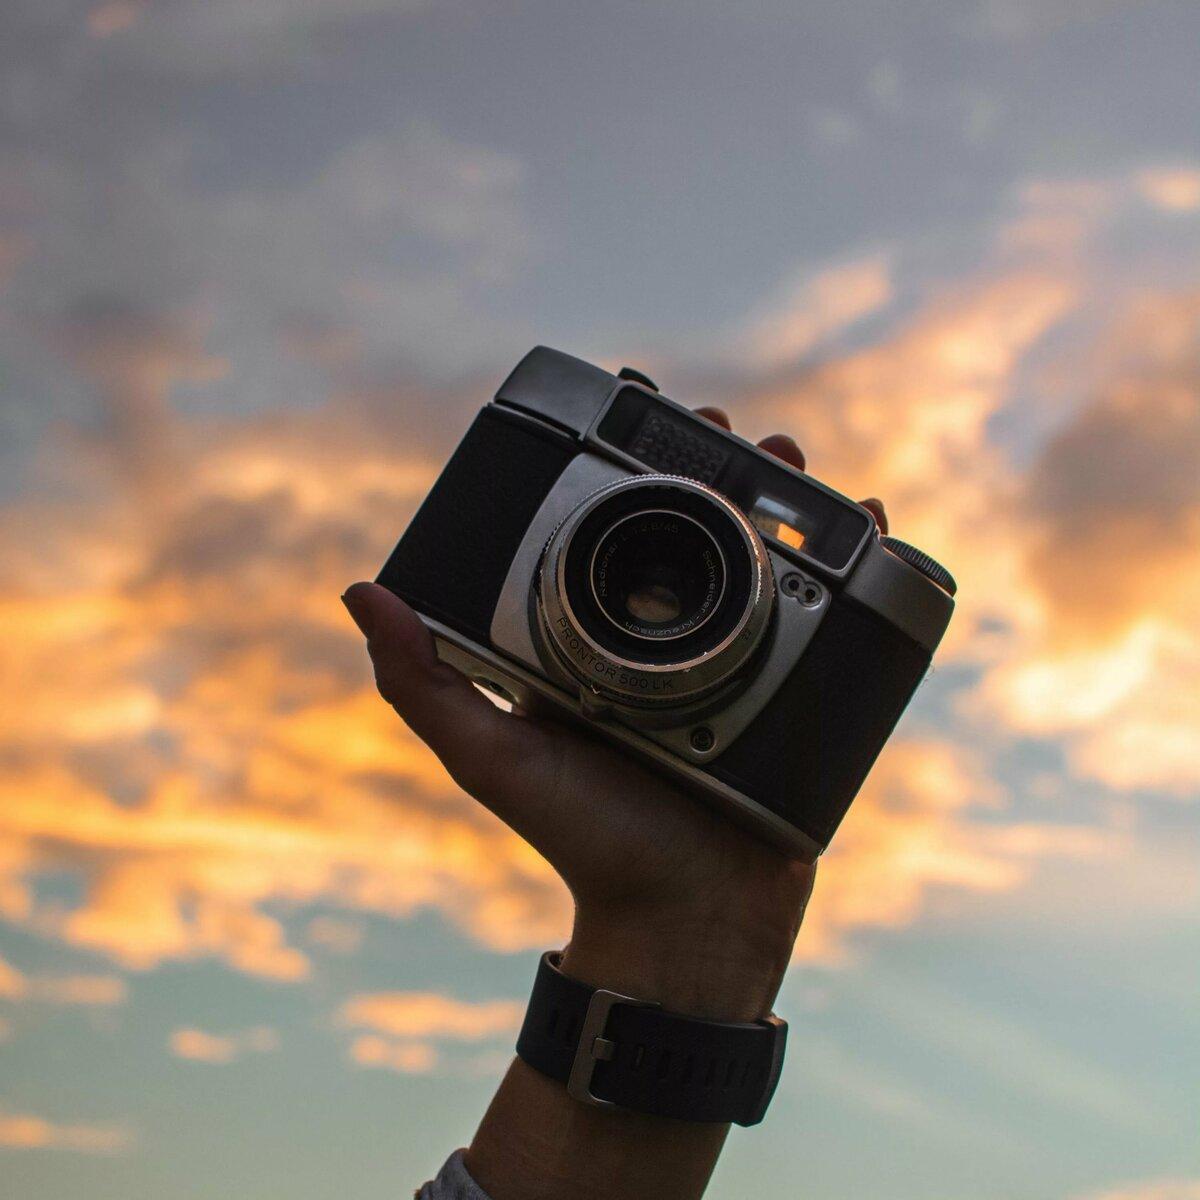 освобождения фотоаппарат фотографирует не видно изображения это